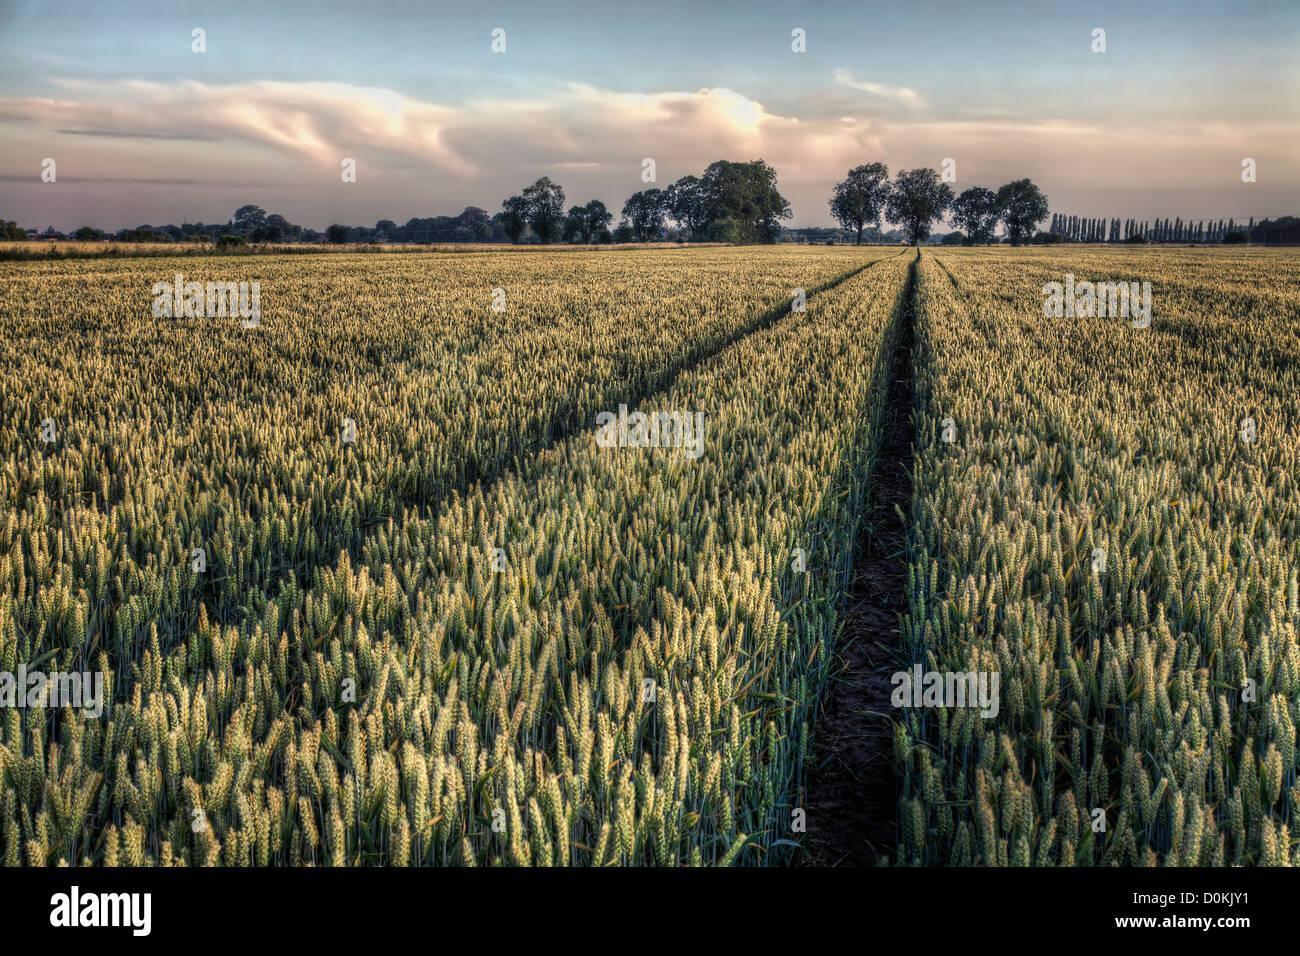 Ruta a través de un campo de trigo madurando justo antes de la cosecha. Imagen De Stock